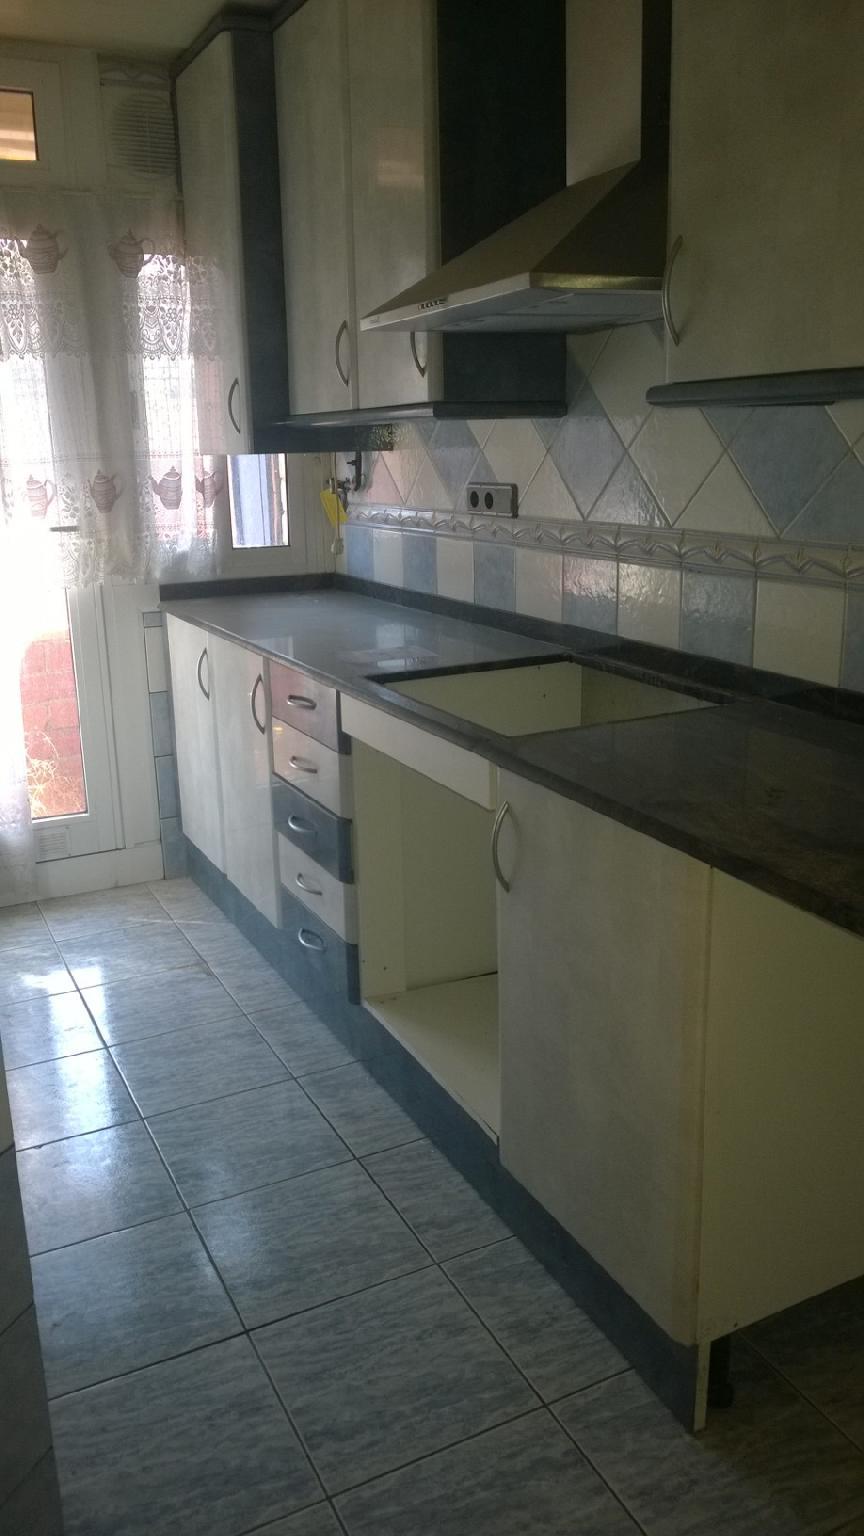 122162 - Piso en venta en Sabadell